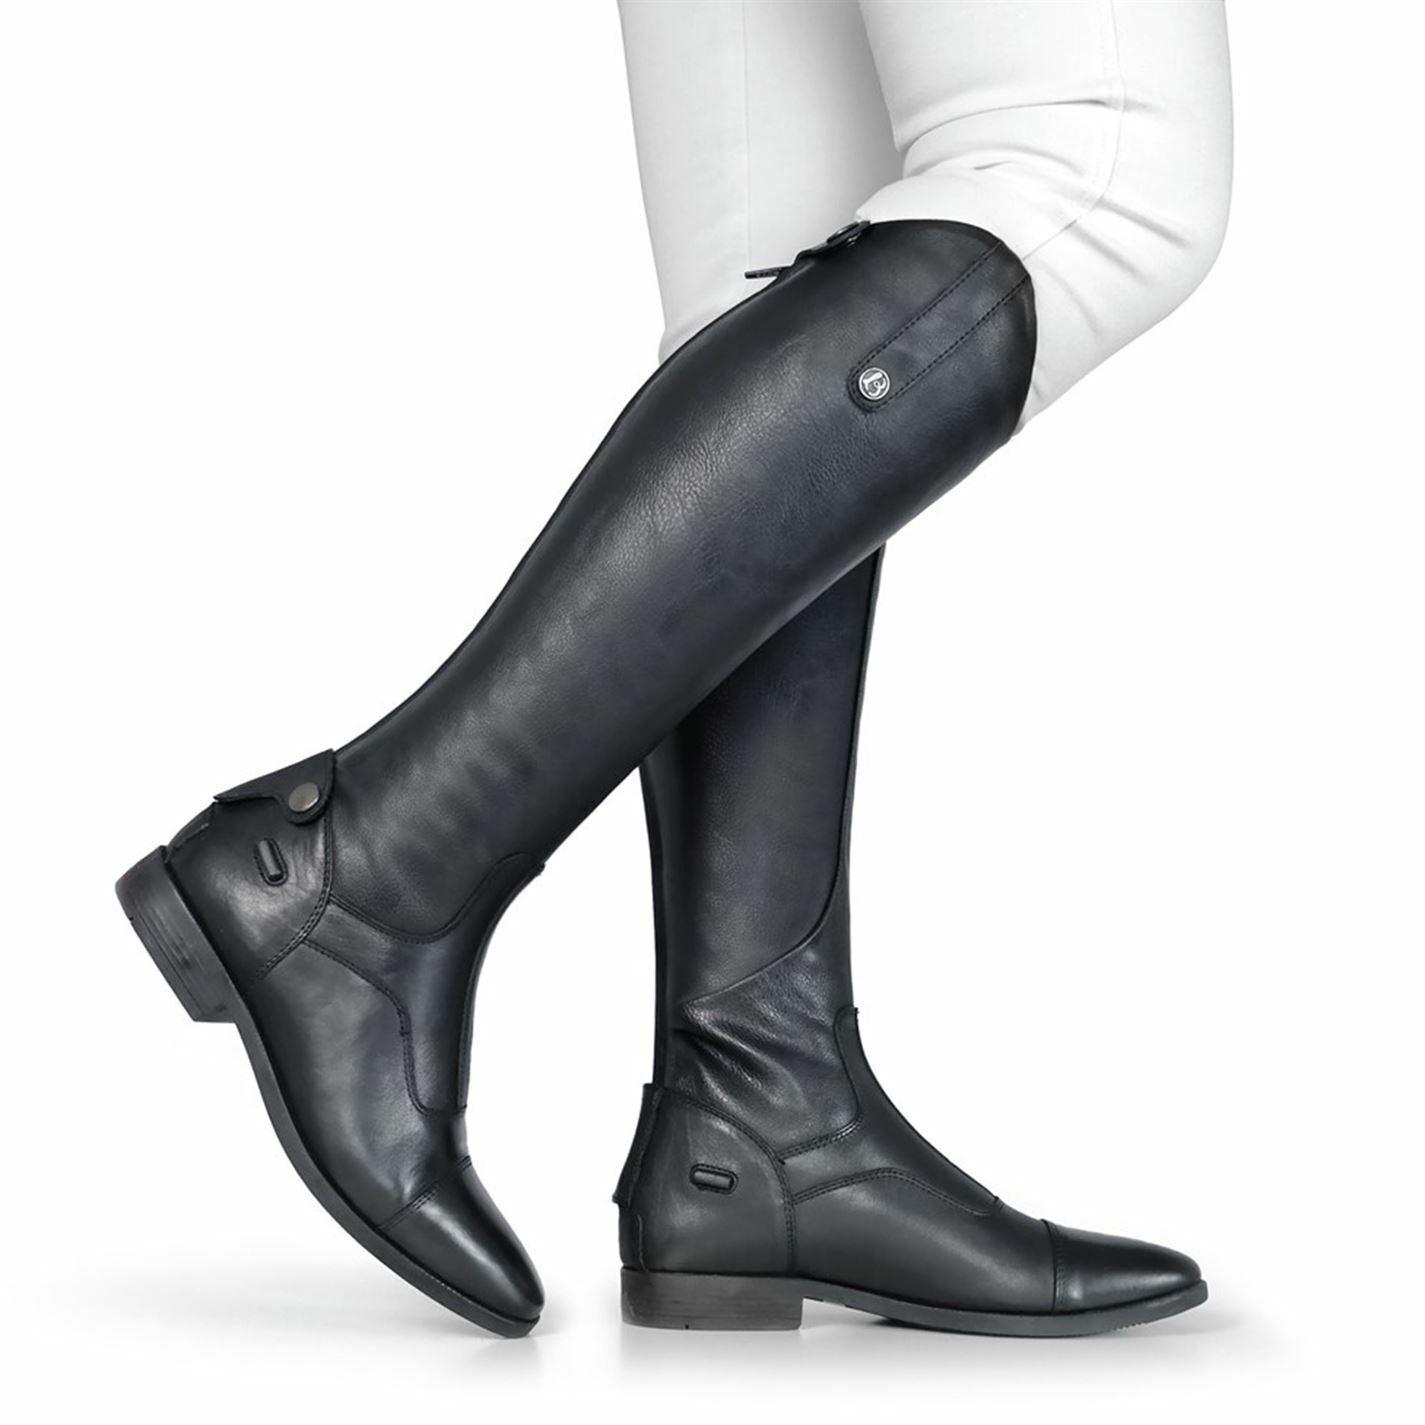 Zapatos, calzado, cremallera, equitación de caucho